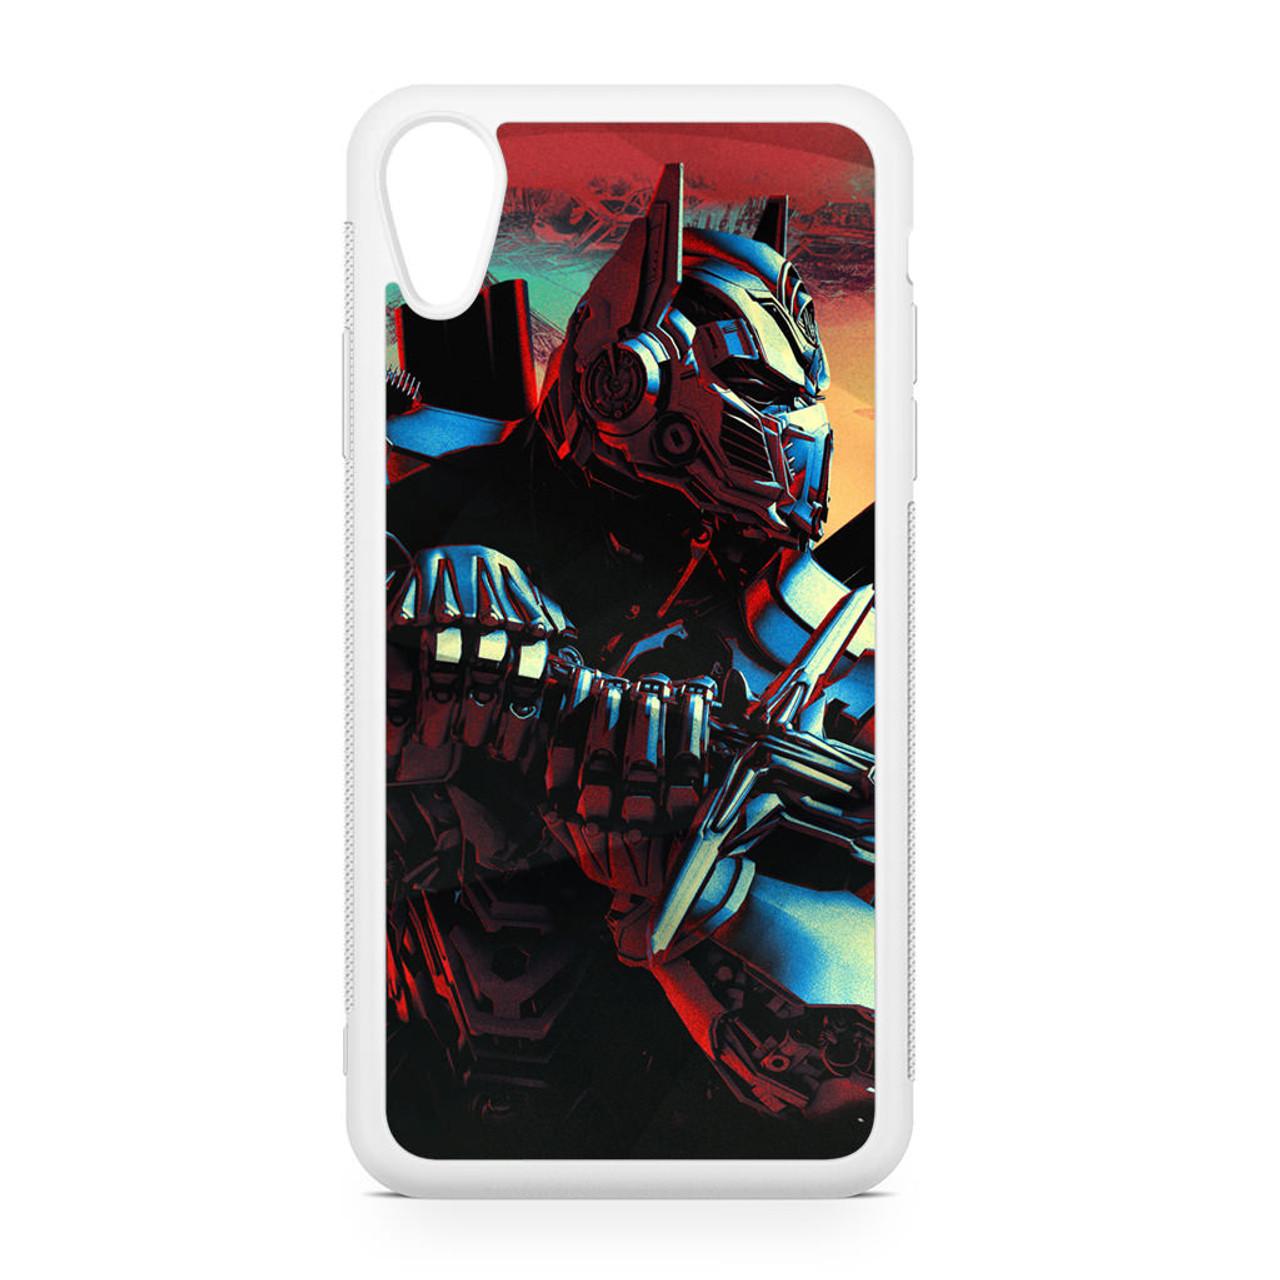 OPTIMUS PRIME TRANSFORMERS 4 iphone case